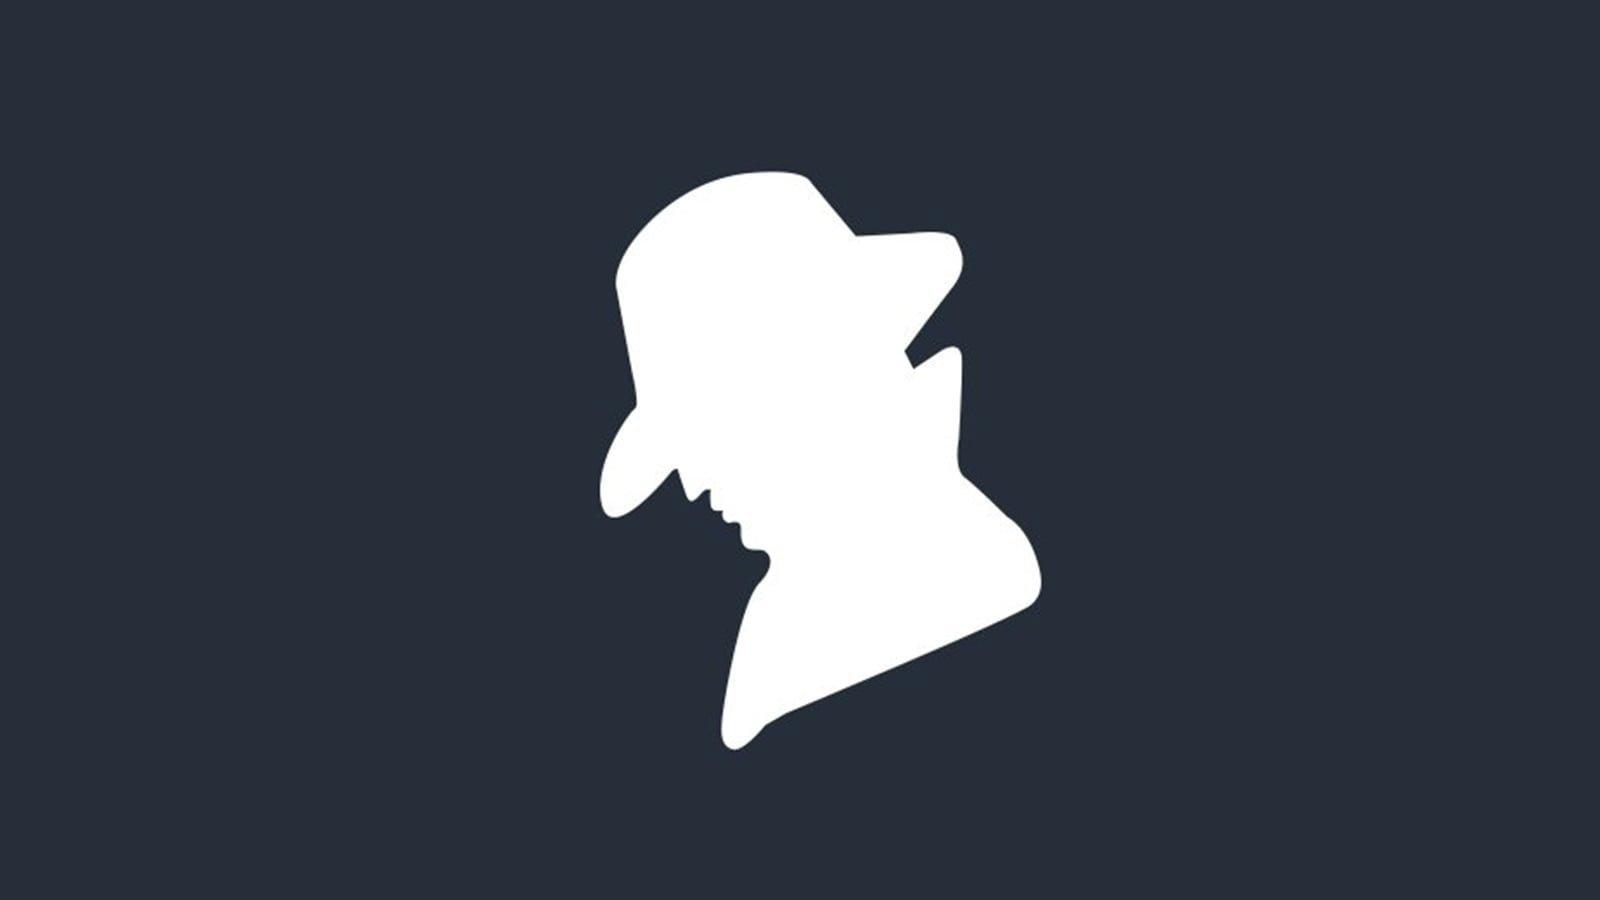 ibVPN Test 2019 – mit Biss aus Transsylvanien 1 techboys.de • smarte News, auf den Punkt! ibVPN Test 2019 – mit Biss aus Transsylvanien